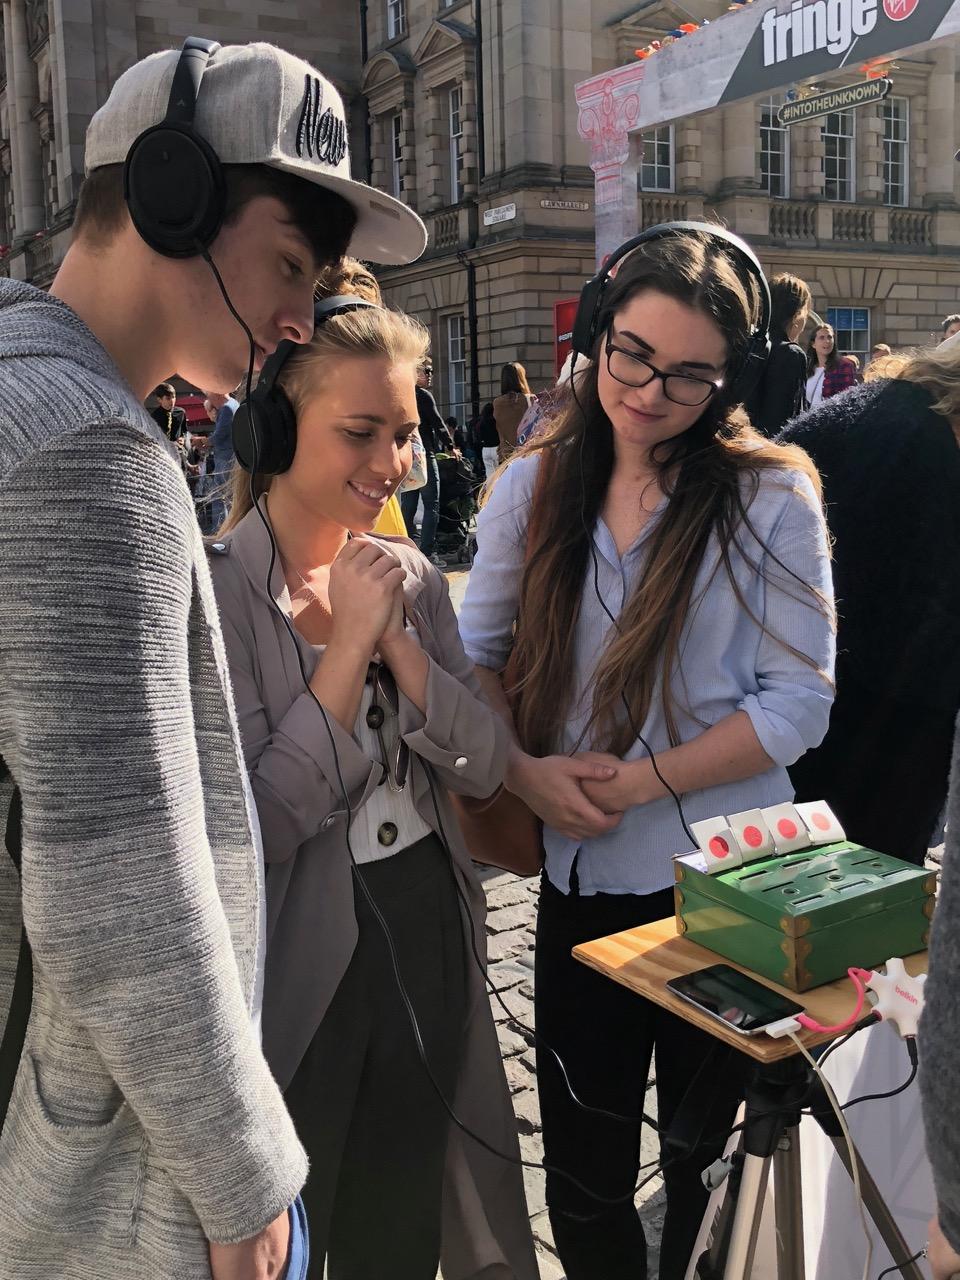 Edinburgh Fringe 2018